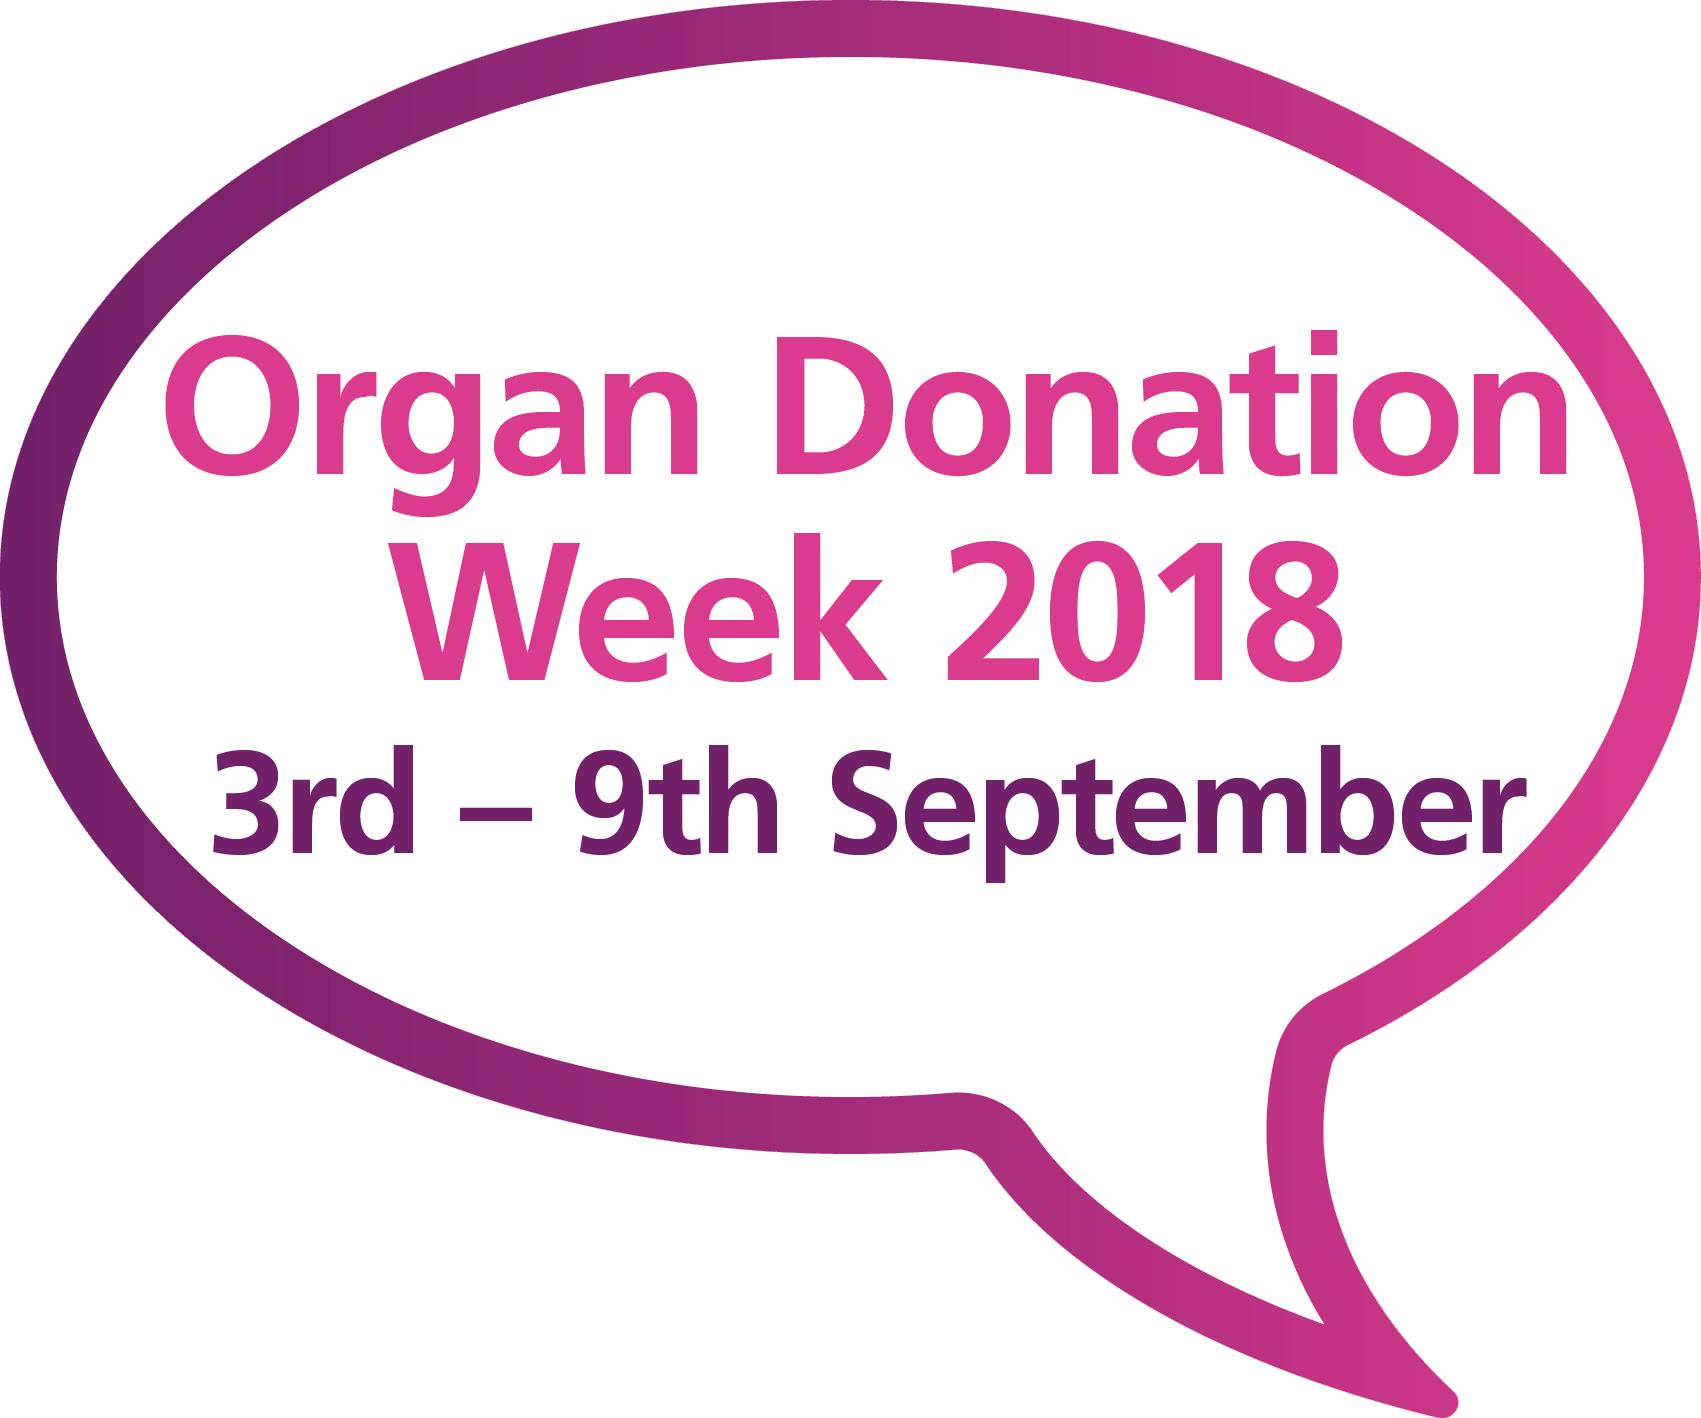 """""""Organ Donation Week 2018"""" speech bubble"""